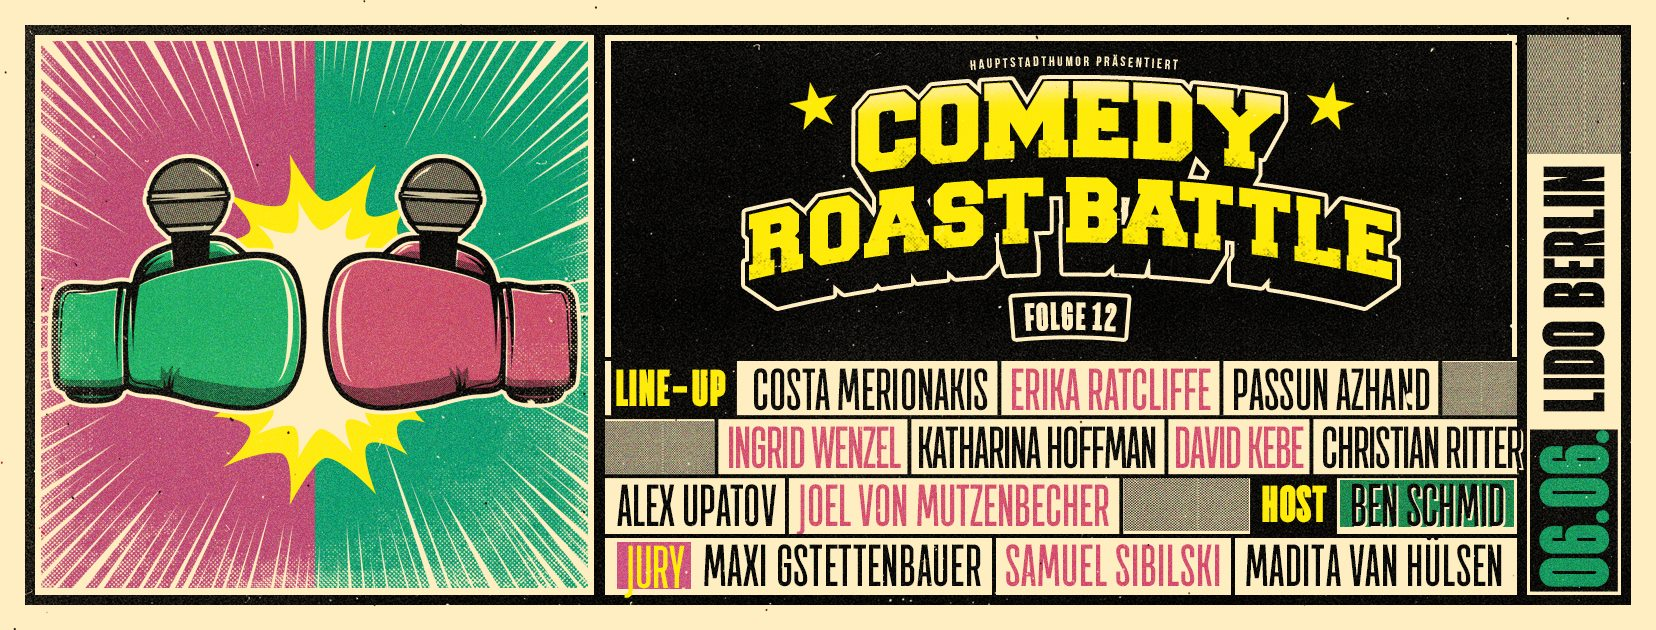 Comedy Roast Battle #12